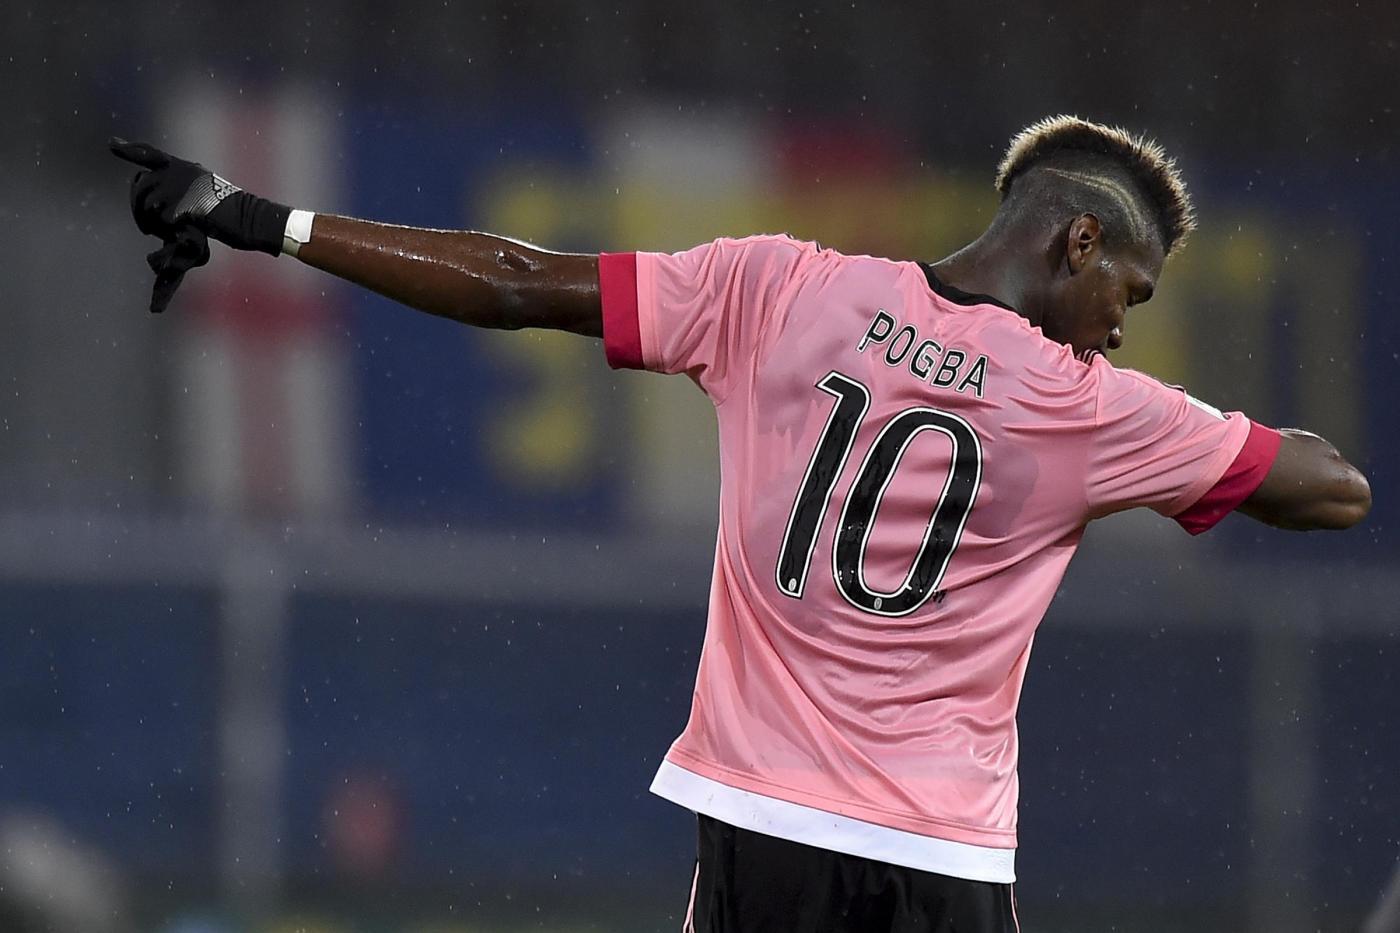 Manchester United: il cartellino di Pogba diventa un caso